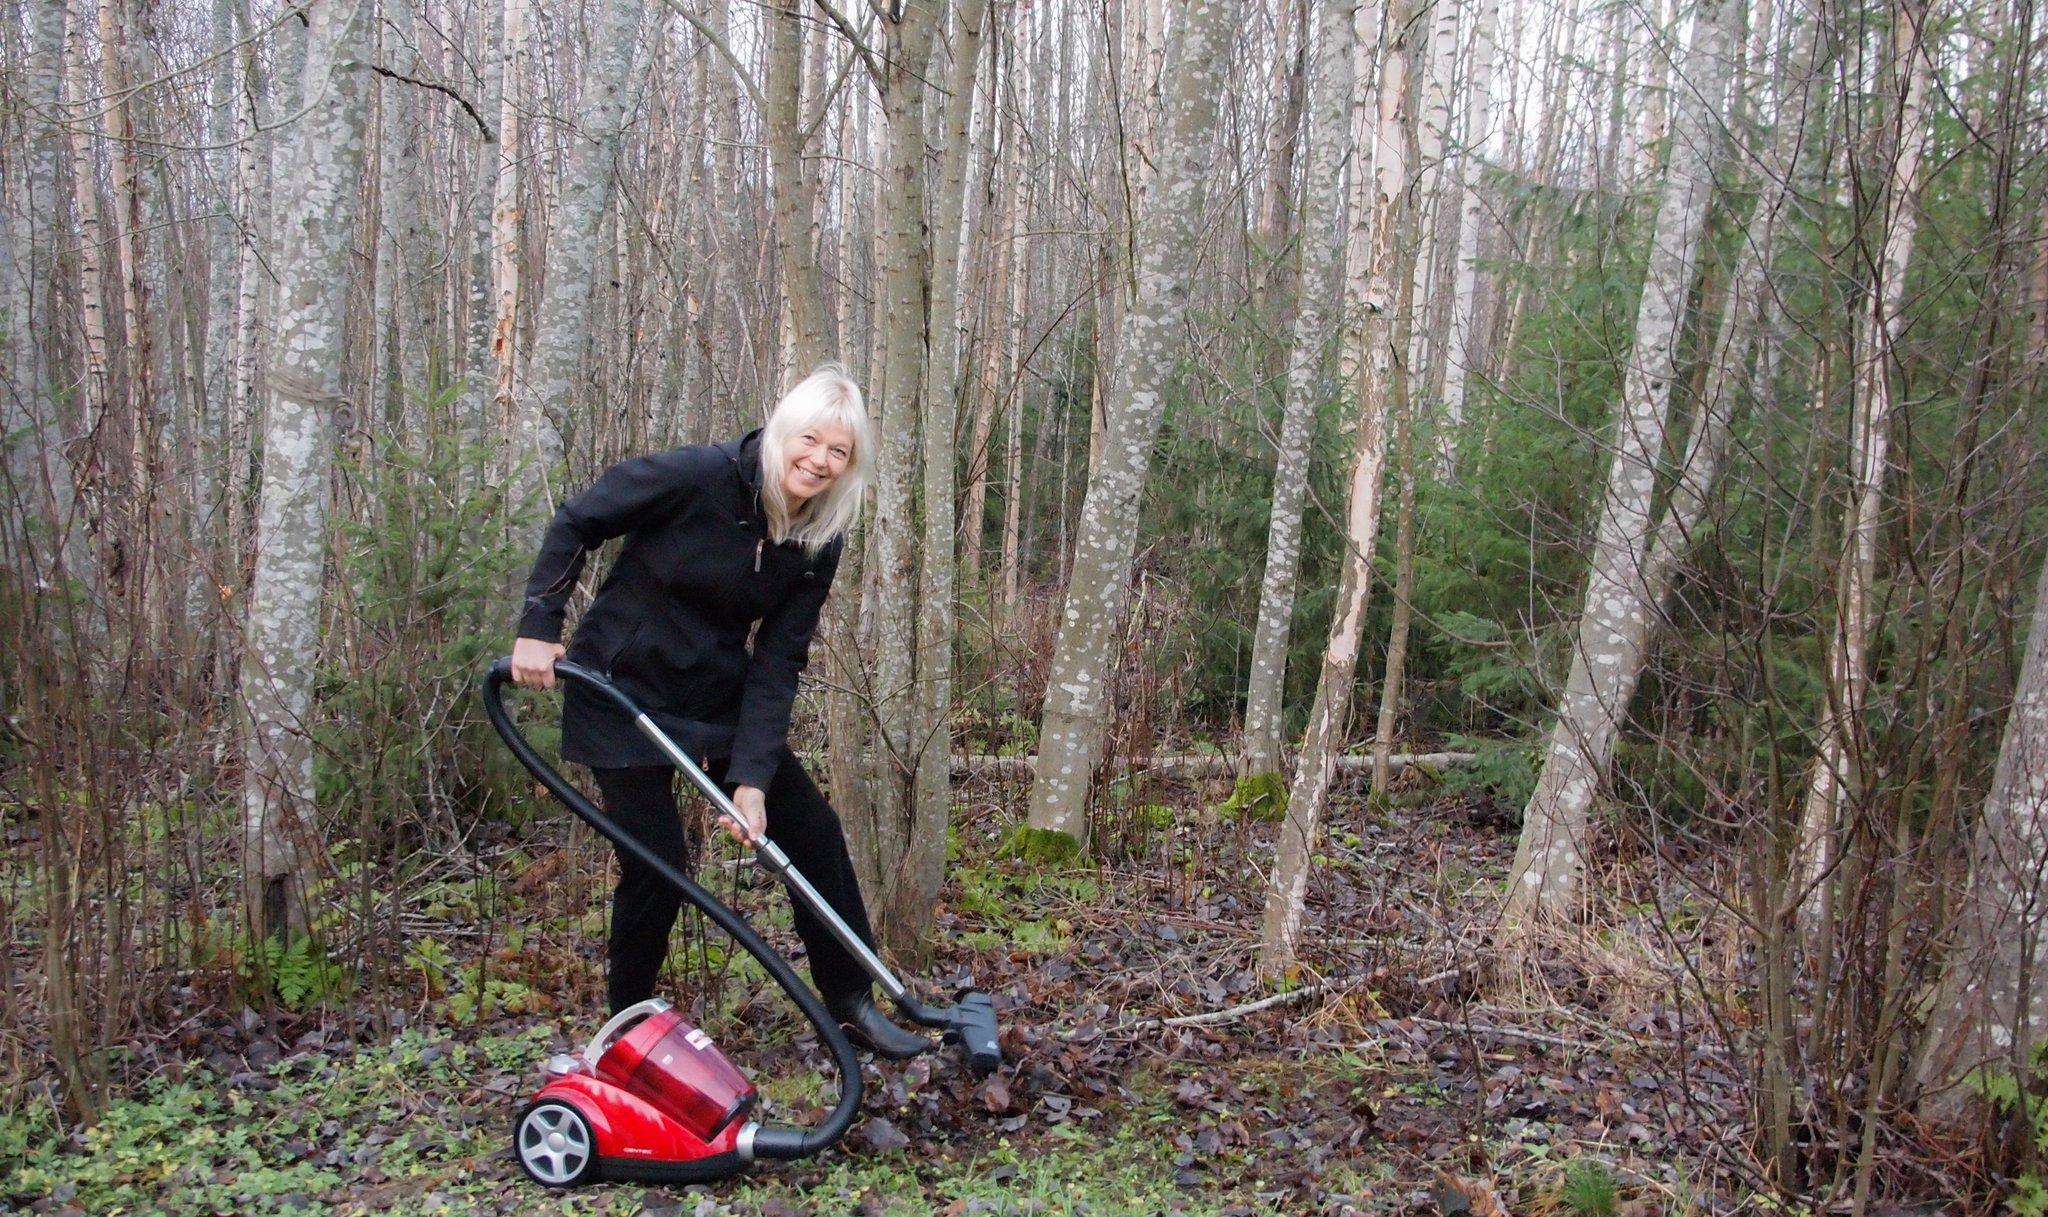 A finneknek fogalmuk sincs, miről beszélt Trump, amikor azt mondta, hogy náluk takarítják az erdők alját